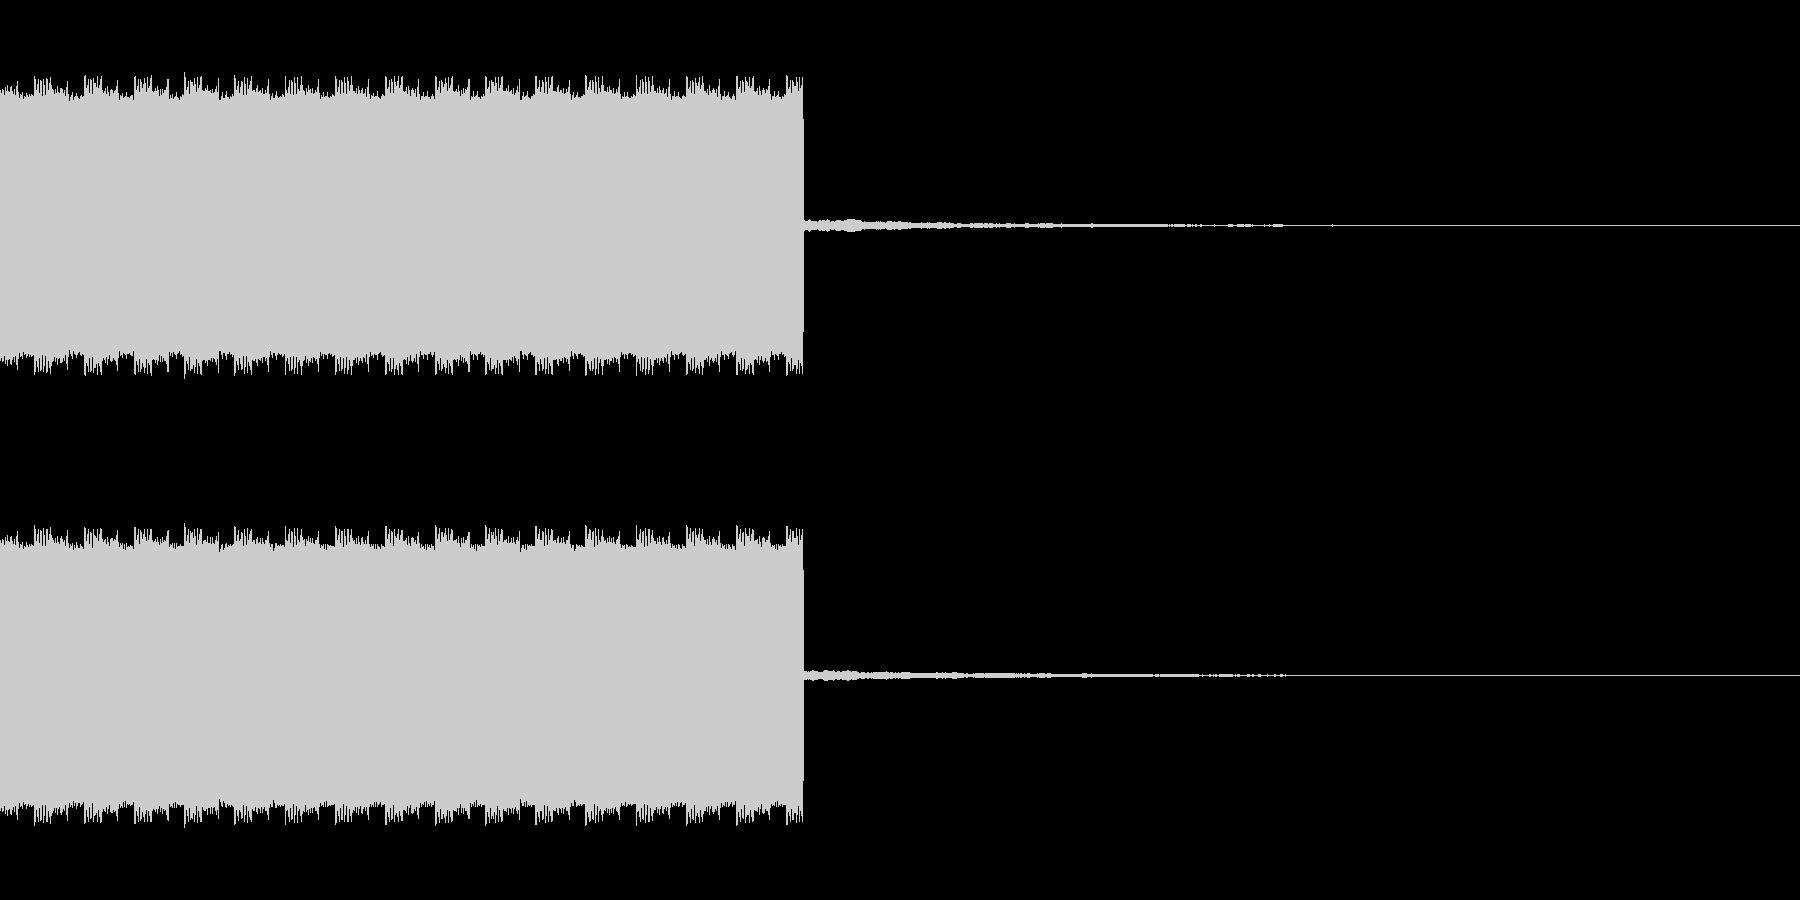 自主規制音2 ピロピロロングの未再生の波形